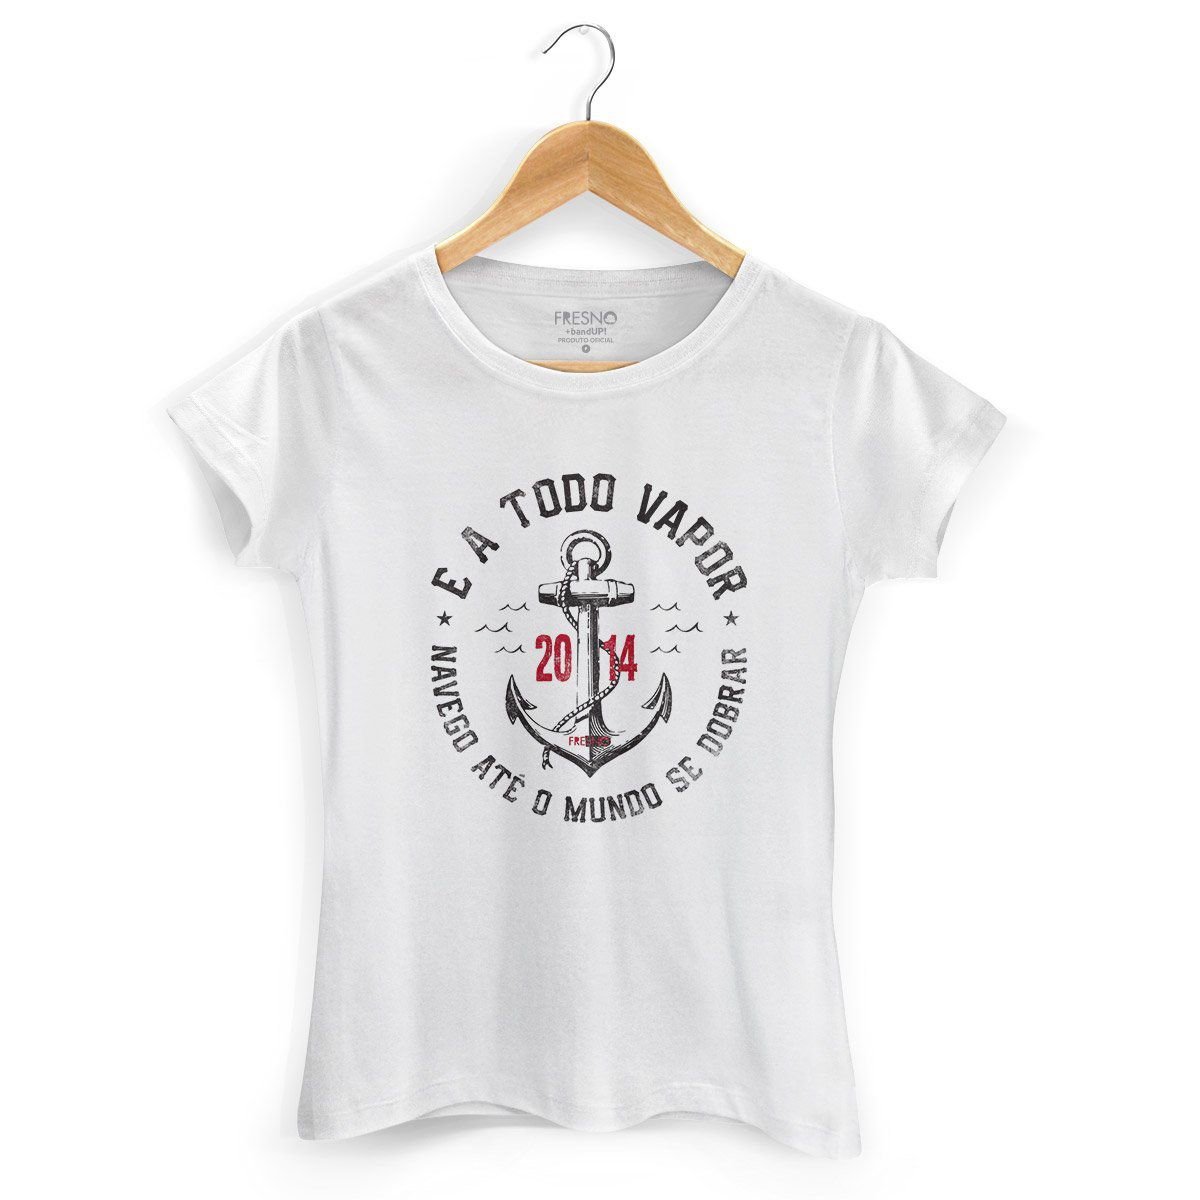 Camiseta Feminina Fresno - Farol